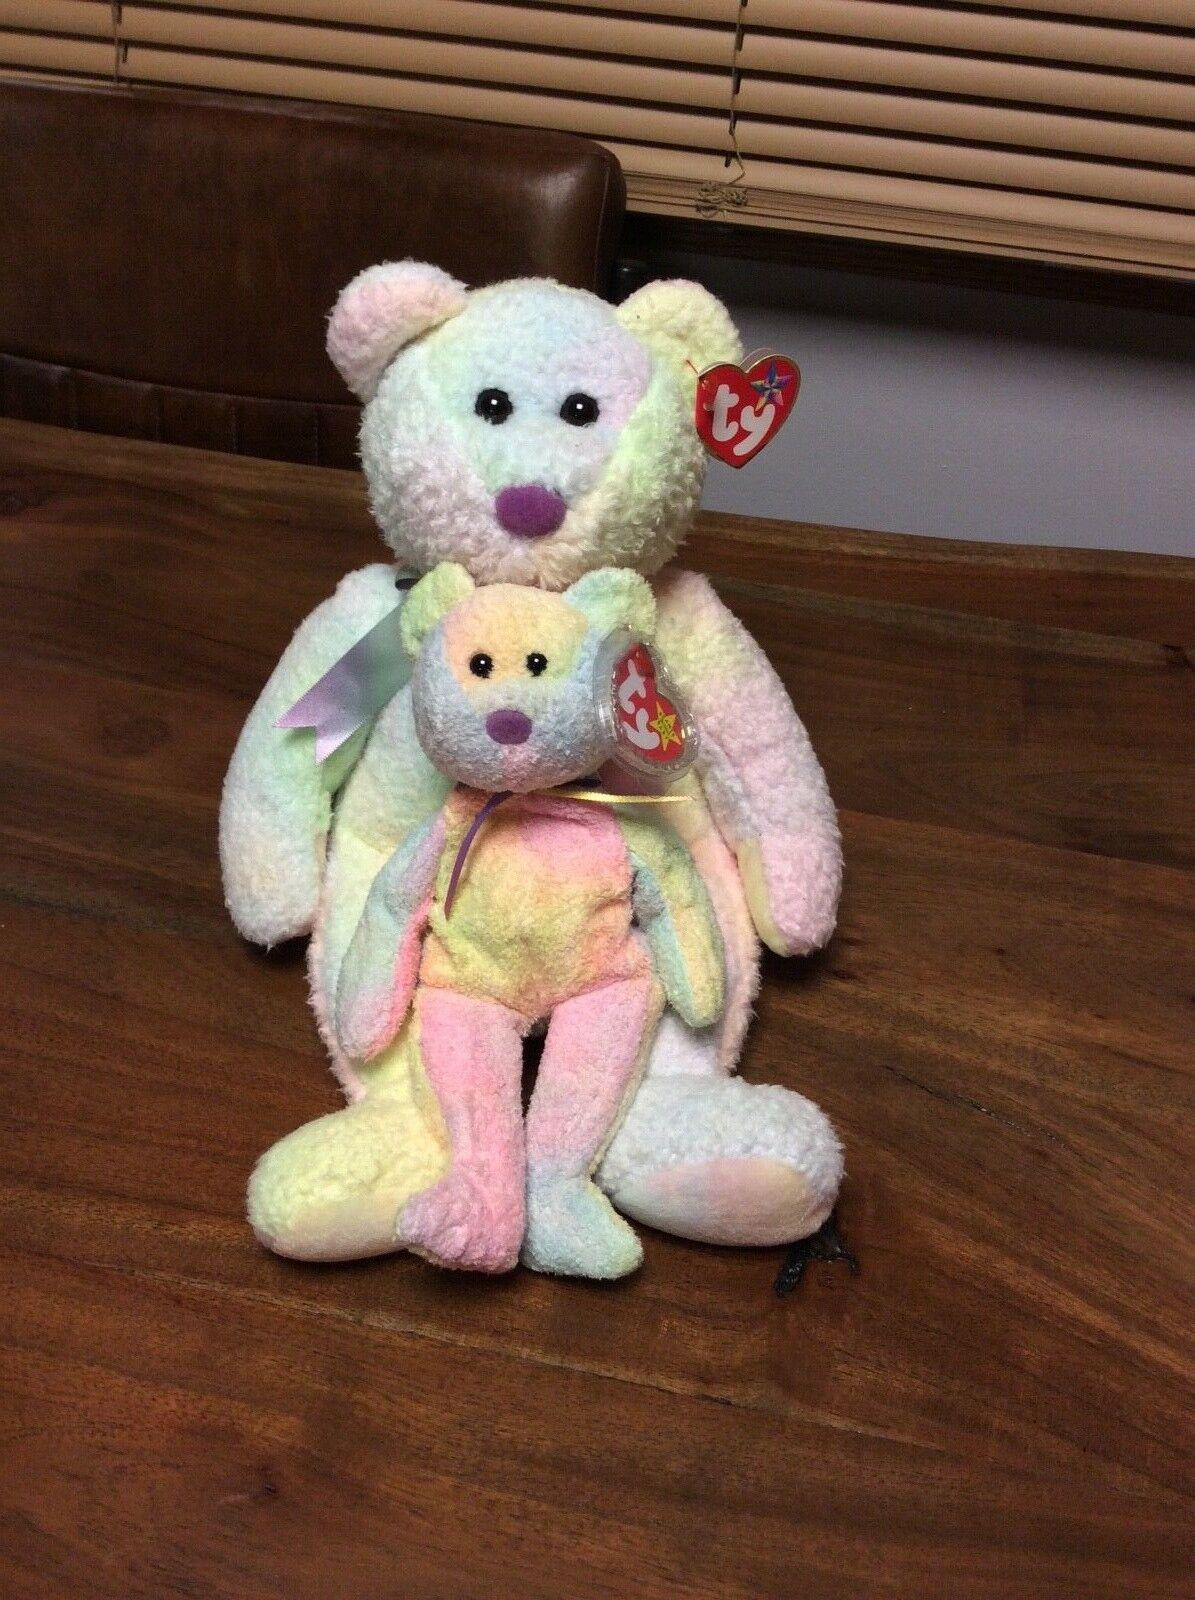 RARE BEANIE BABIES AND BEANIE BUDDY GROOVY RARE TUSH TAG ON BEANIE BABY